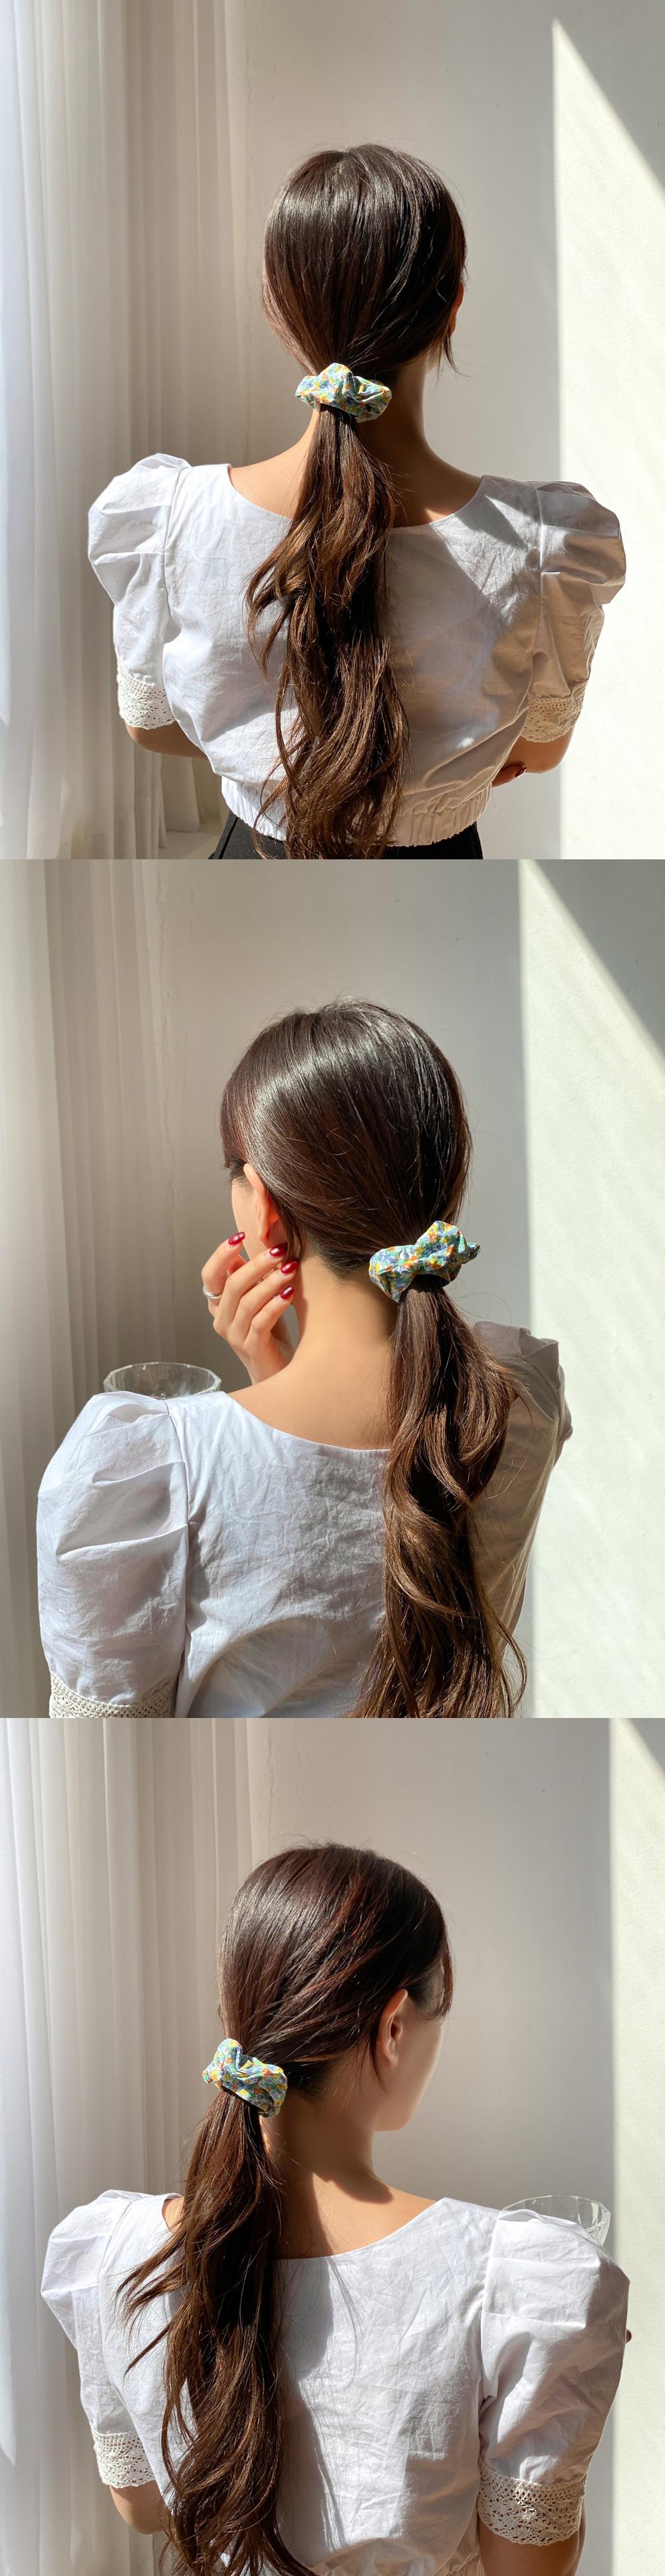 accessories model image-S1L19